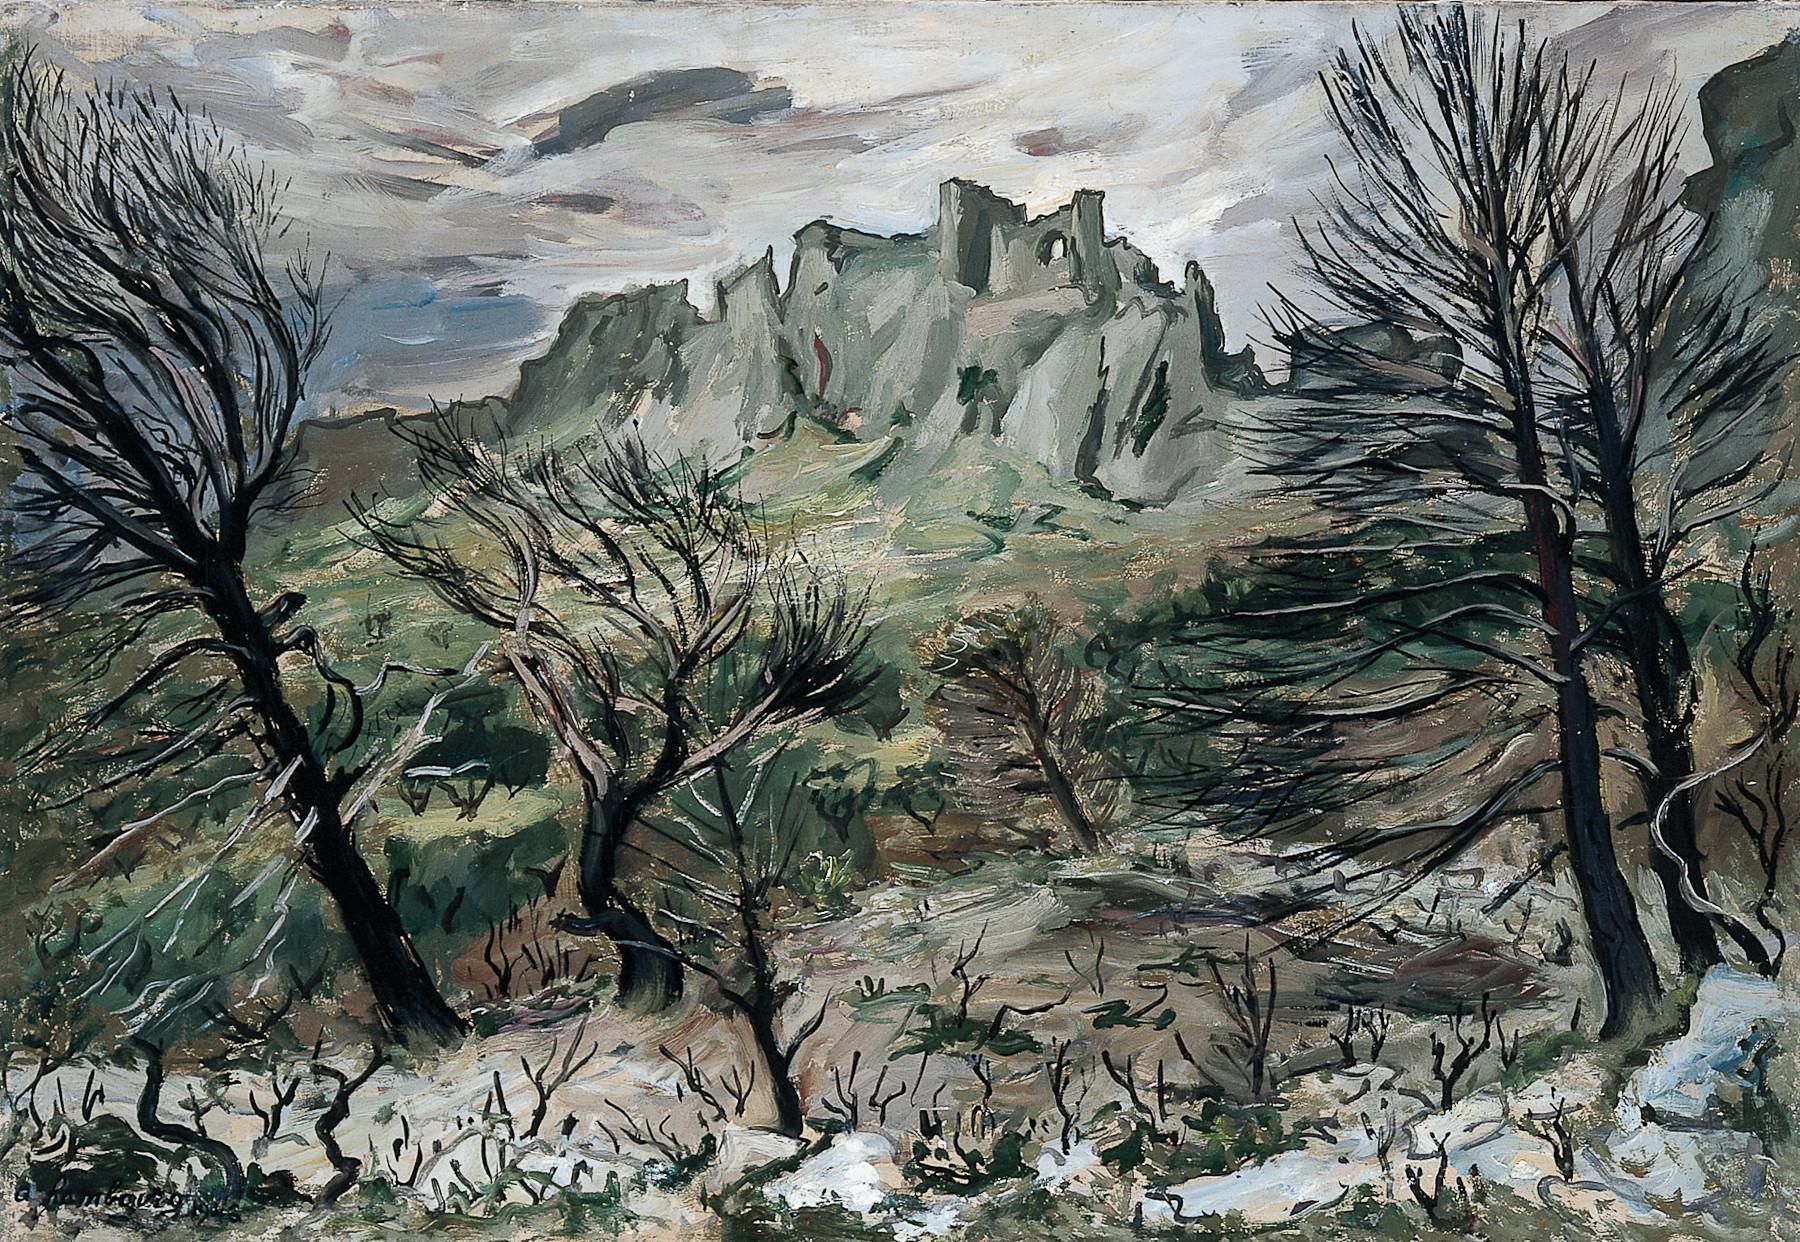 «Sous les Baux, ou sous les Baux, ciel chargé» 1946, 50cmx72cm, SR6